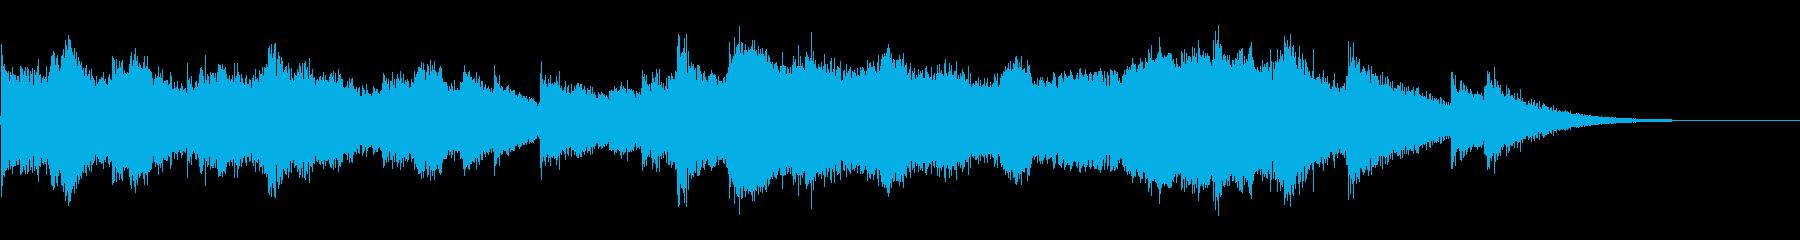 異世界 4の再生済みの波形